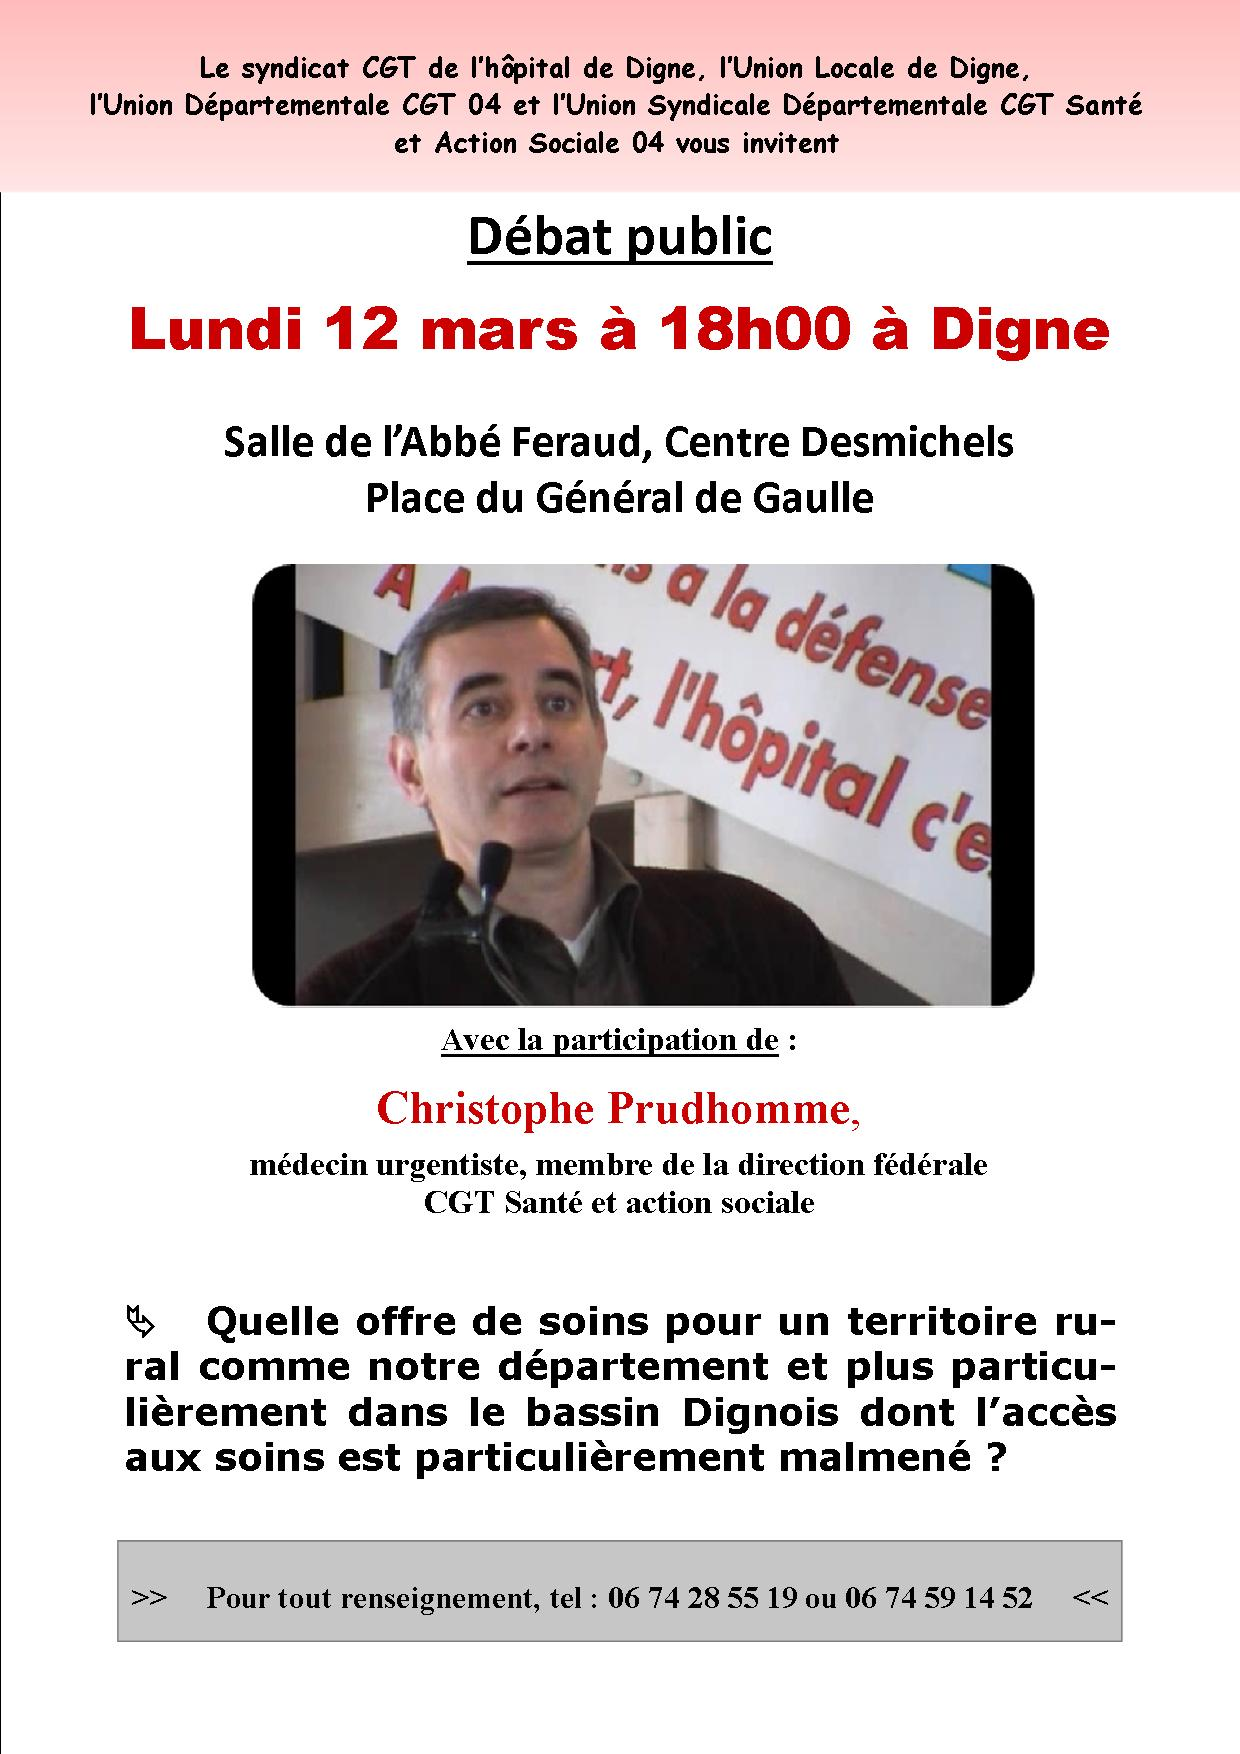 Affiche débat public CGT Santé 04